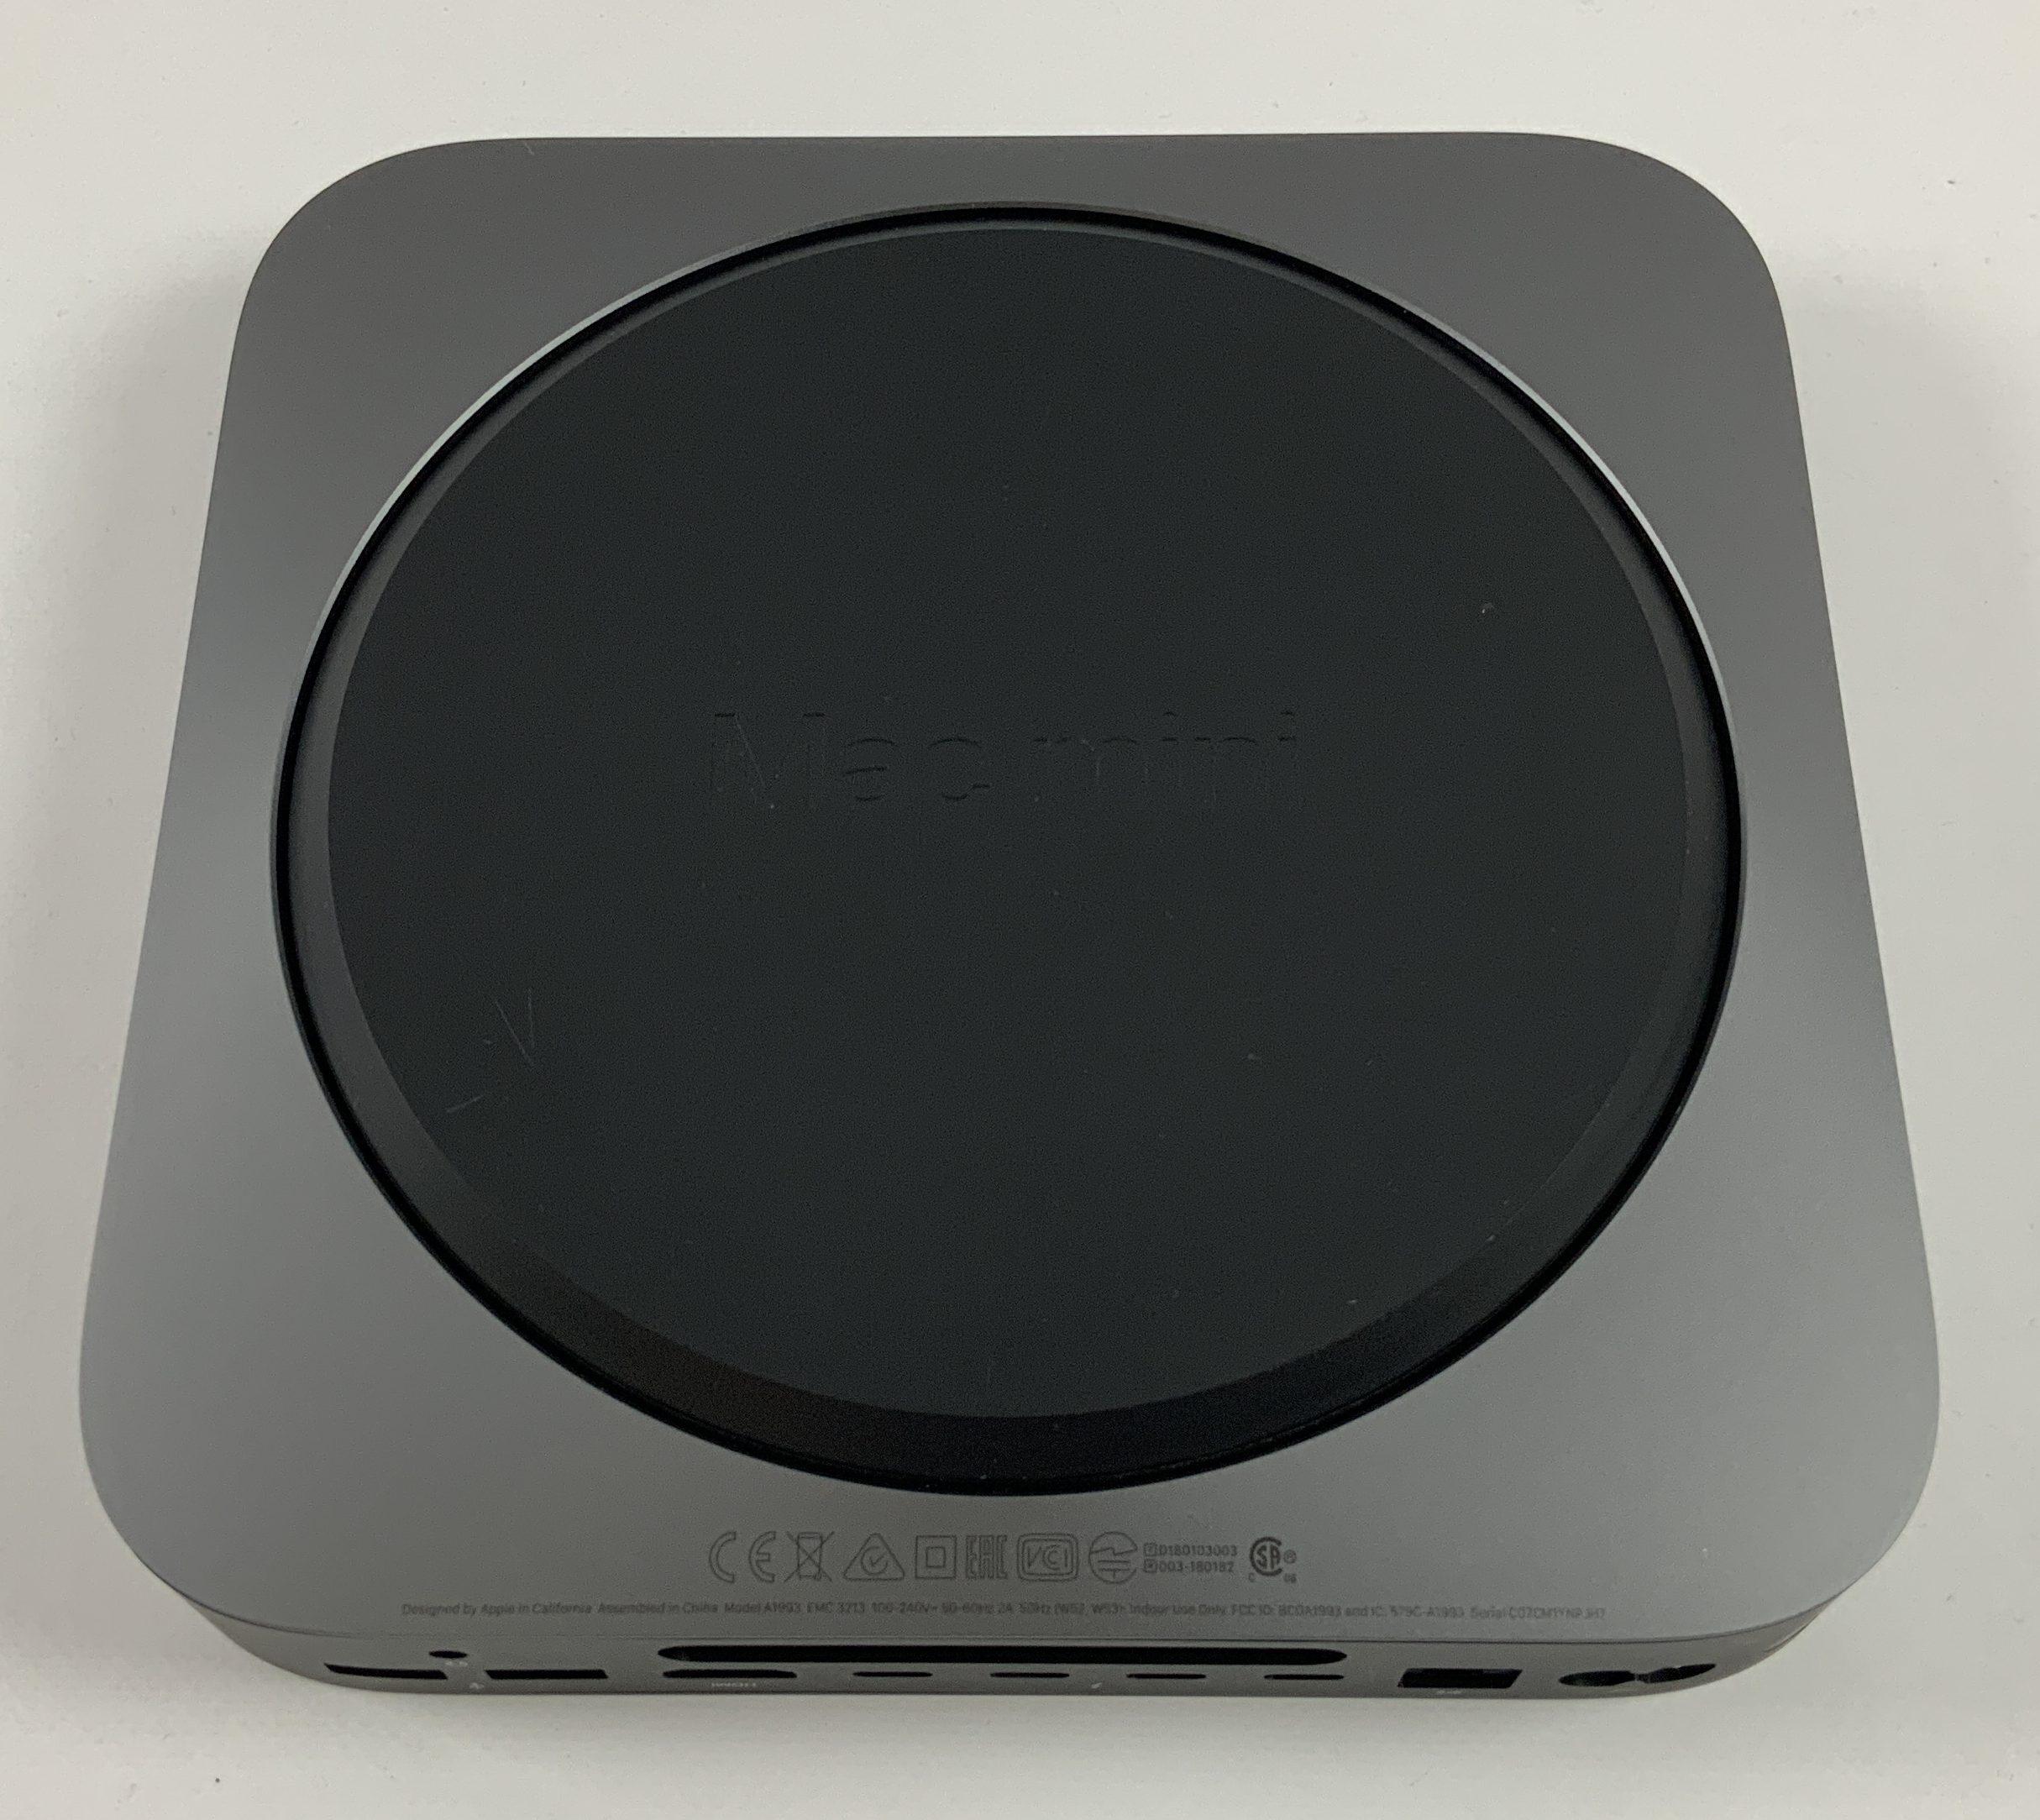 Mac Mini Late 2018 (Intel Quad-Core i3 3.6 GHz 8 GB RAM 256 GB SSD), Intel Quad-Core i3 3.6 GHz, 8 GB RAM, 256 GB SSD, bild 2